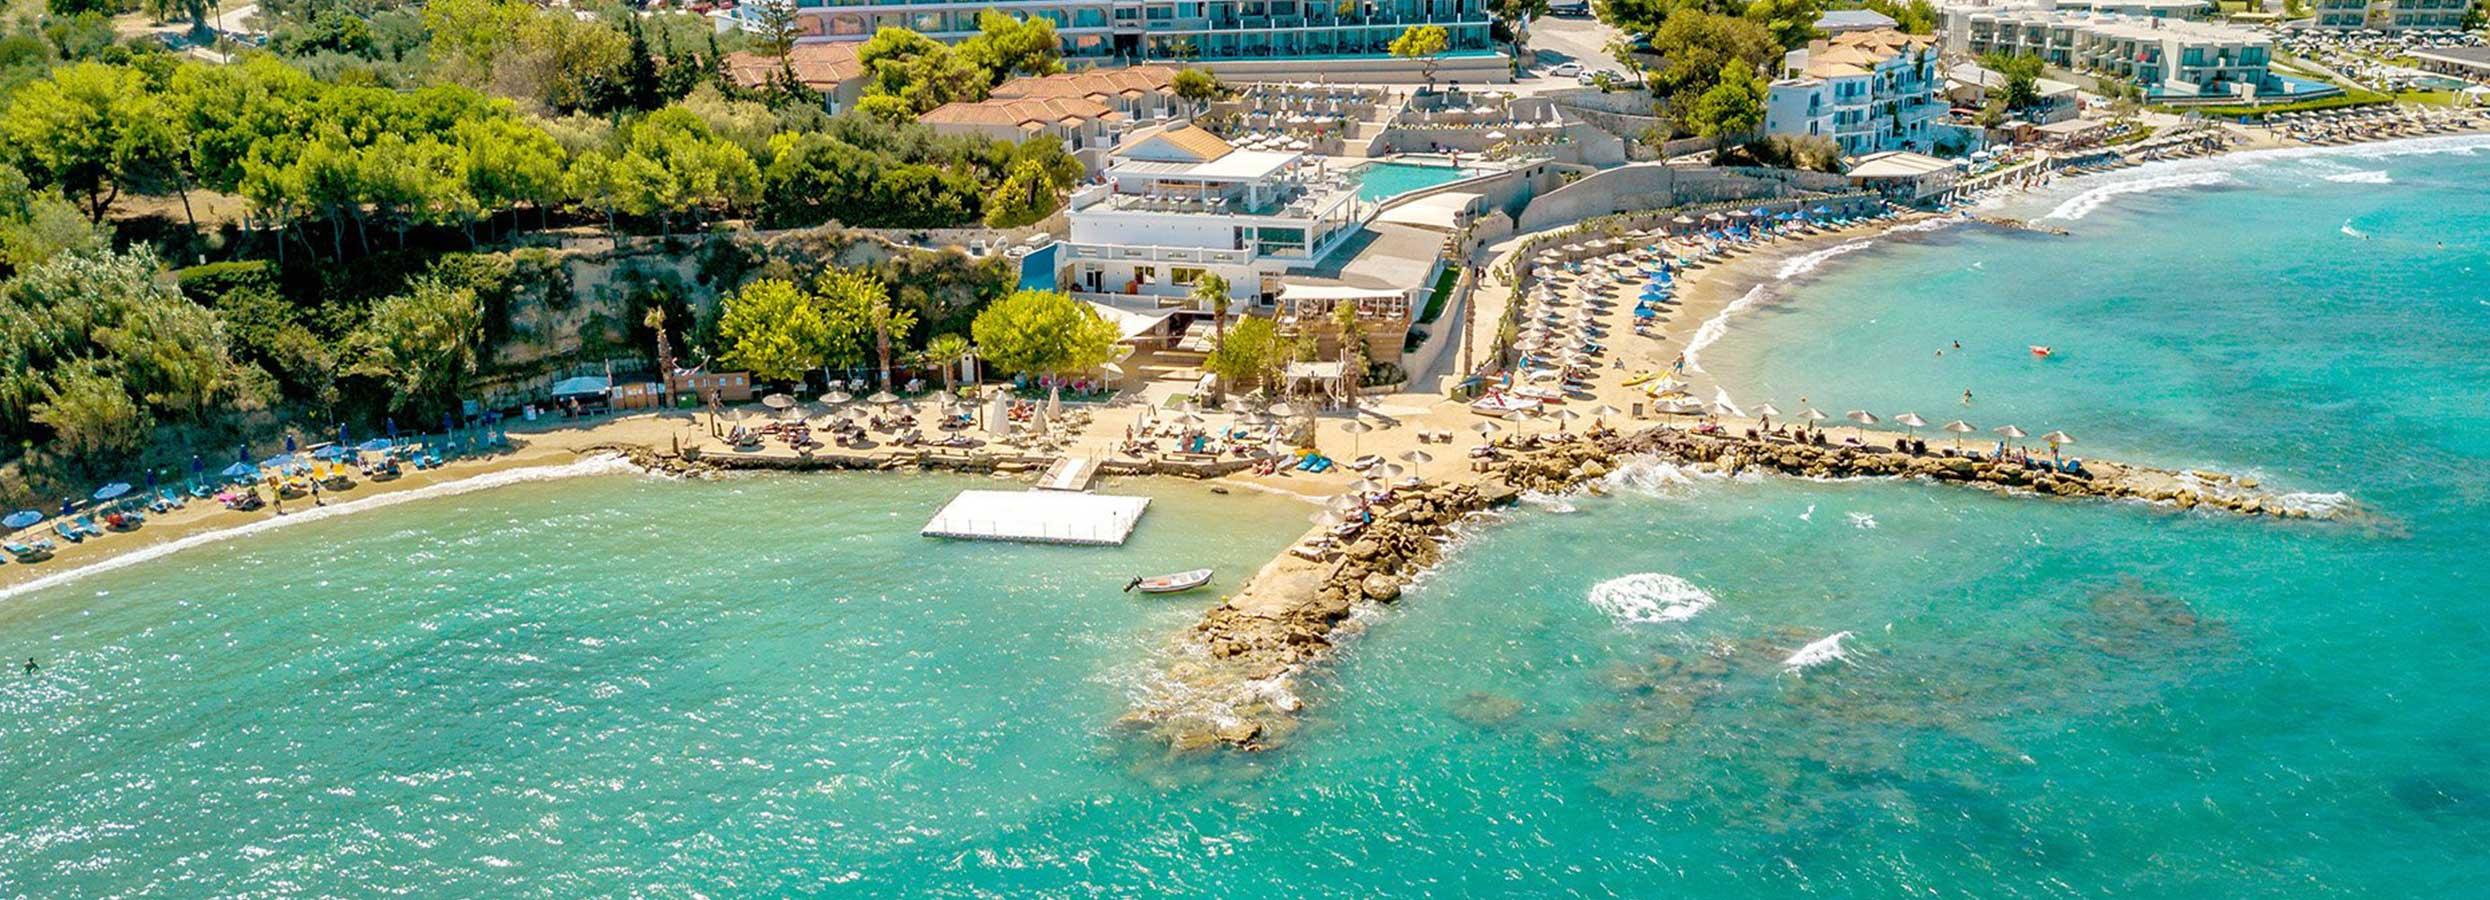 Fantastiškos atostogos Zakinto saloje, Graikijoje! Savaitė puikiame, 5* viešbutyje SENTIDO ALEXANDER BEACH RESORT.